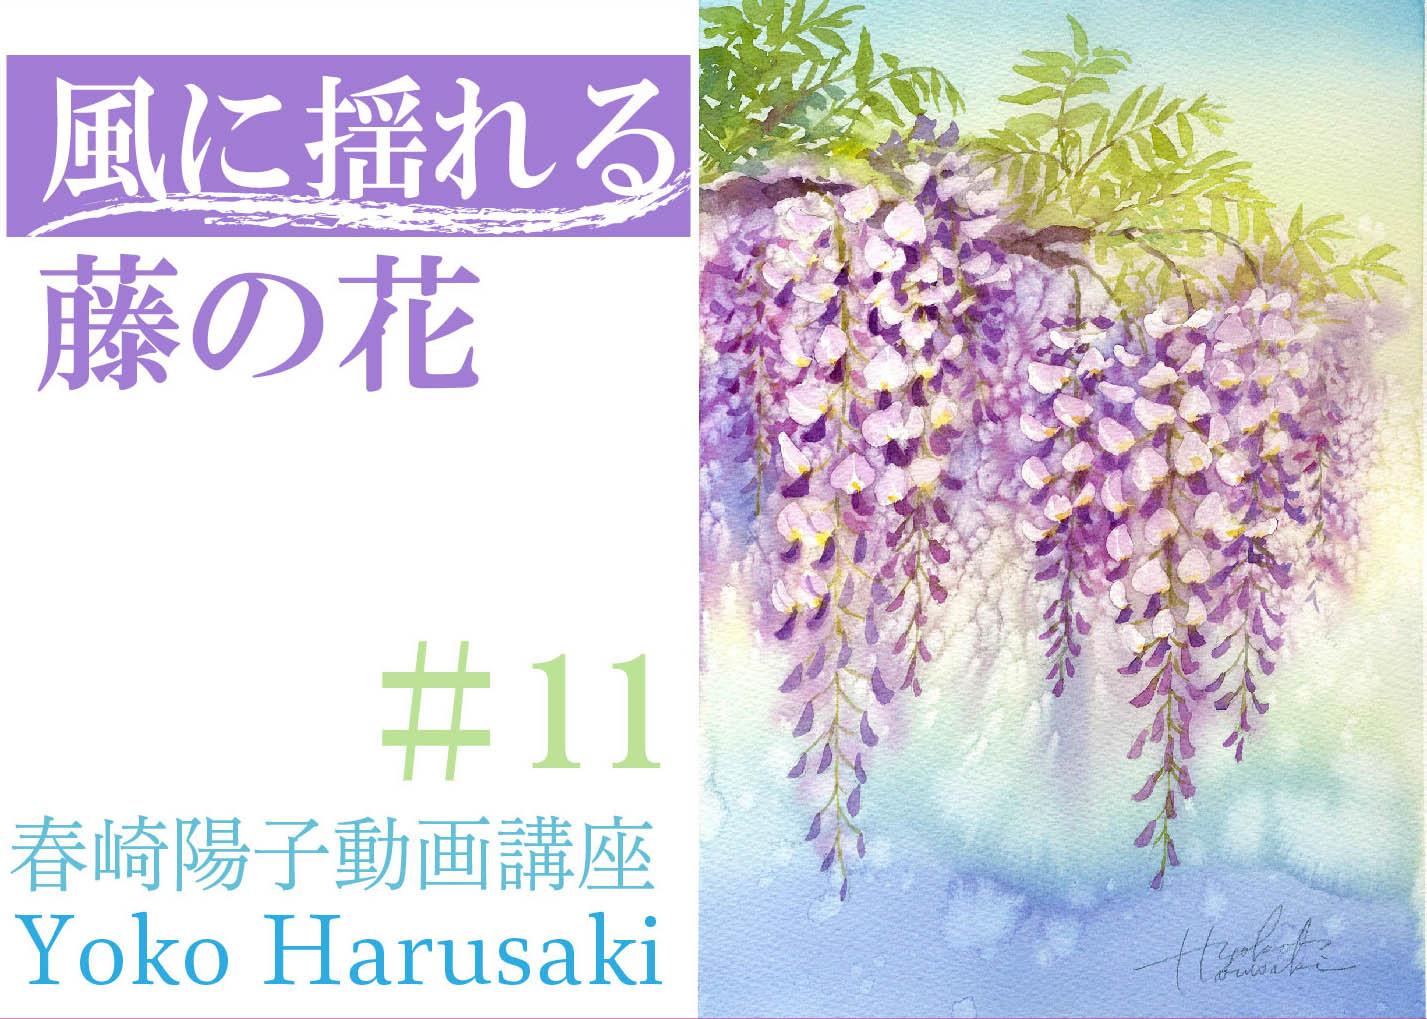 #11春崎陽子動画講座 『風に揺れる藤の花』_f0176370_13295558.jpg